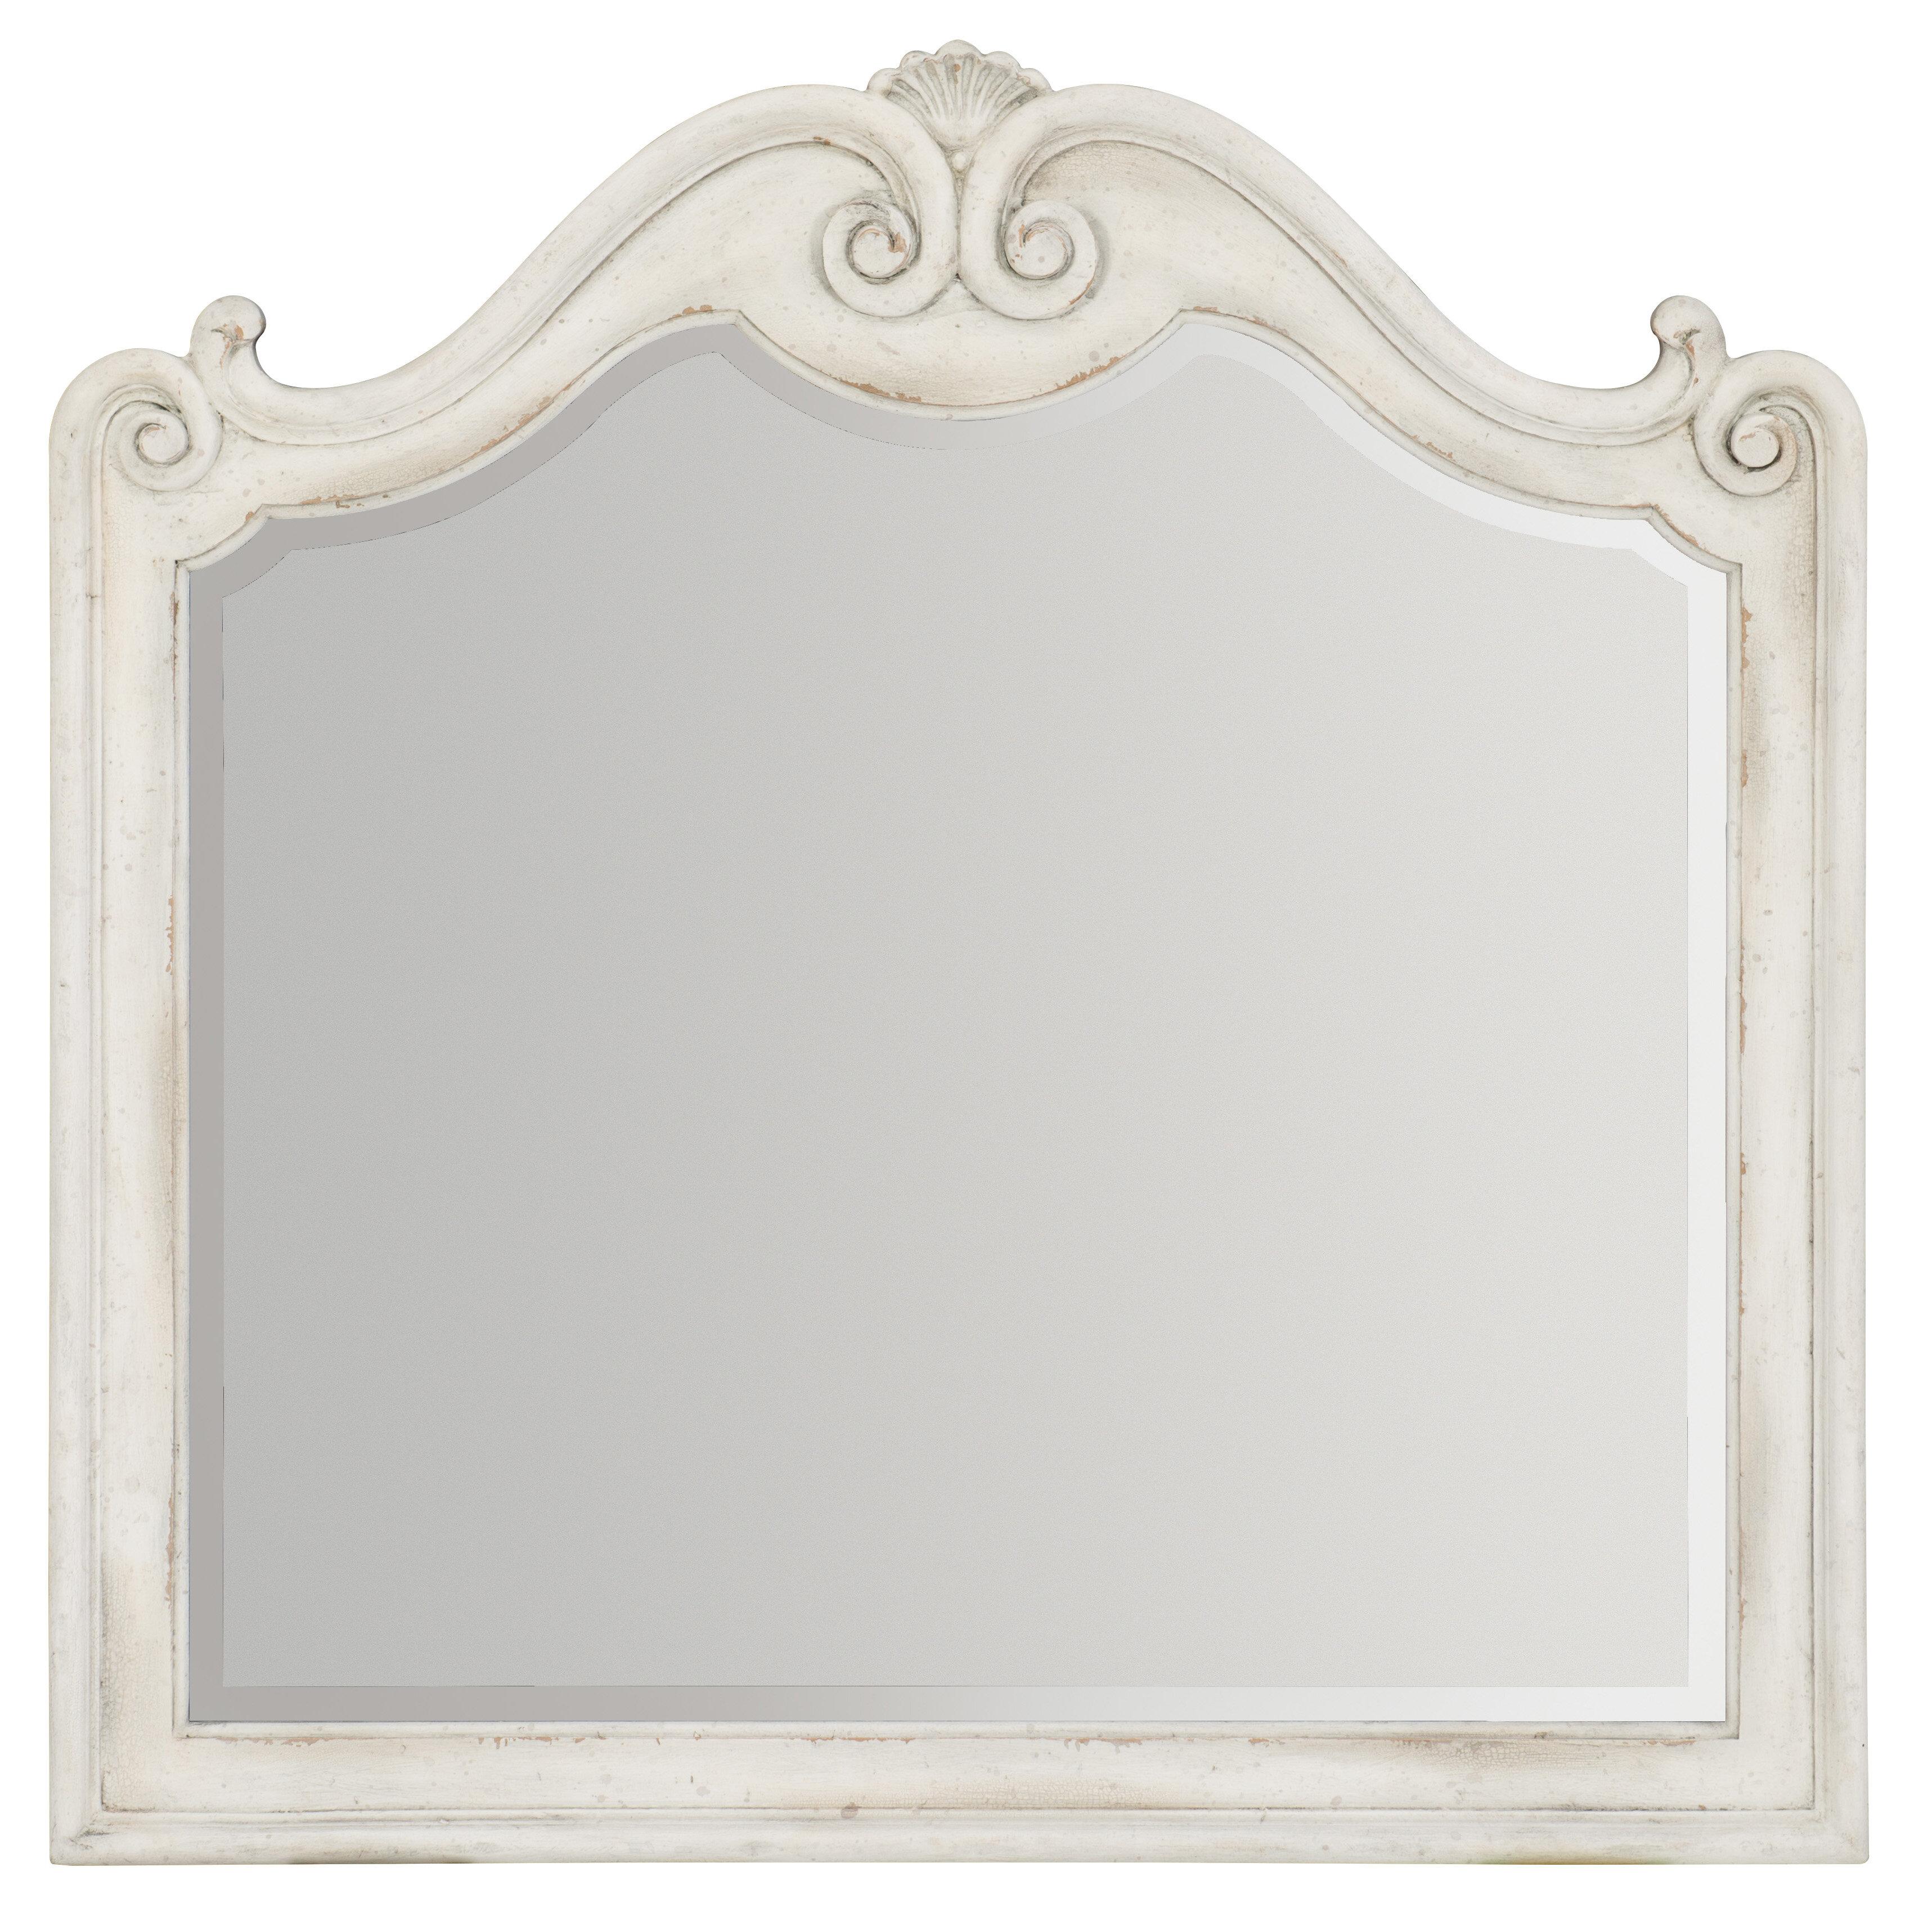 Hooker Furniture Arabella Arched Traditional Beveled Dresser Mirror Perigold